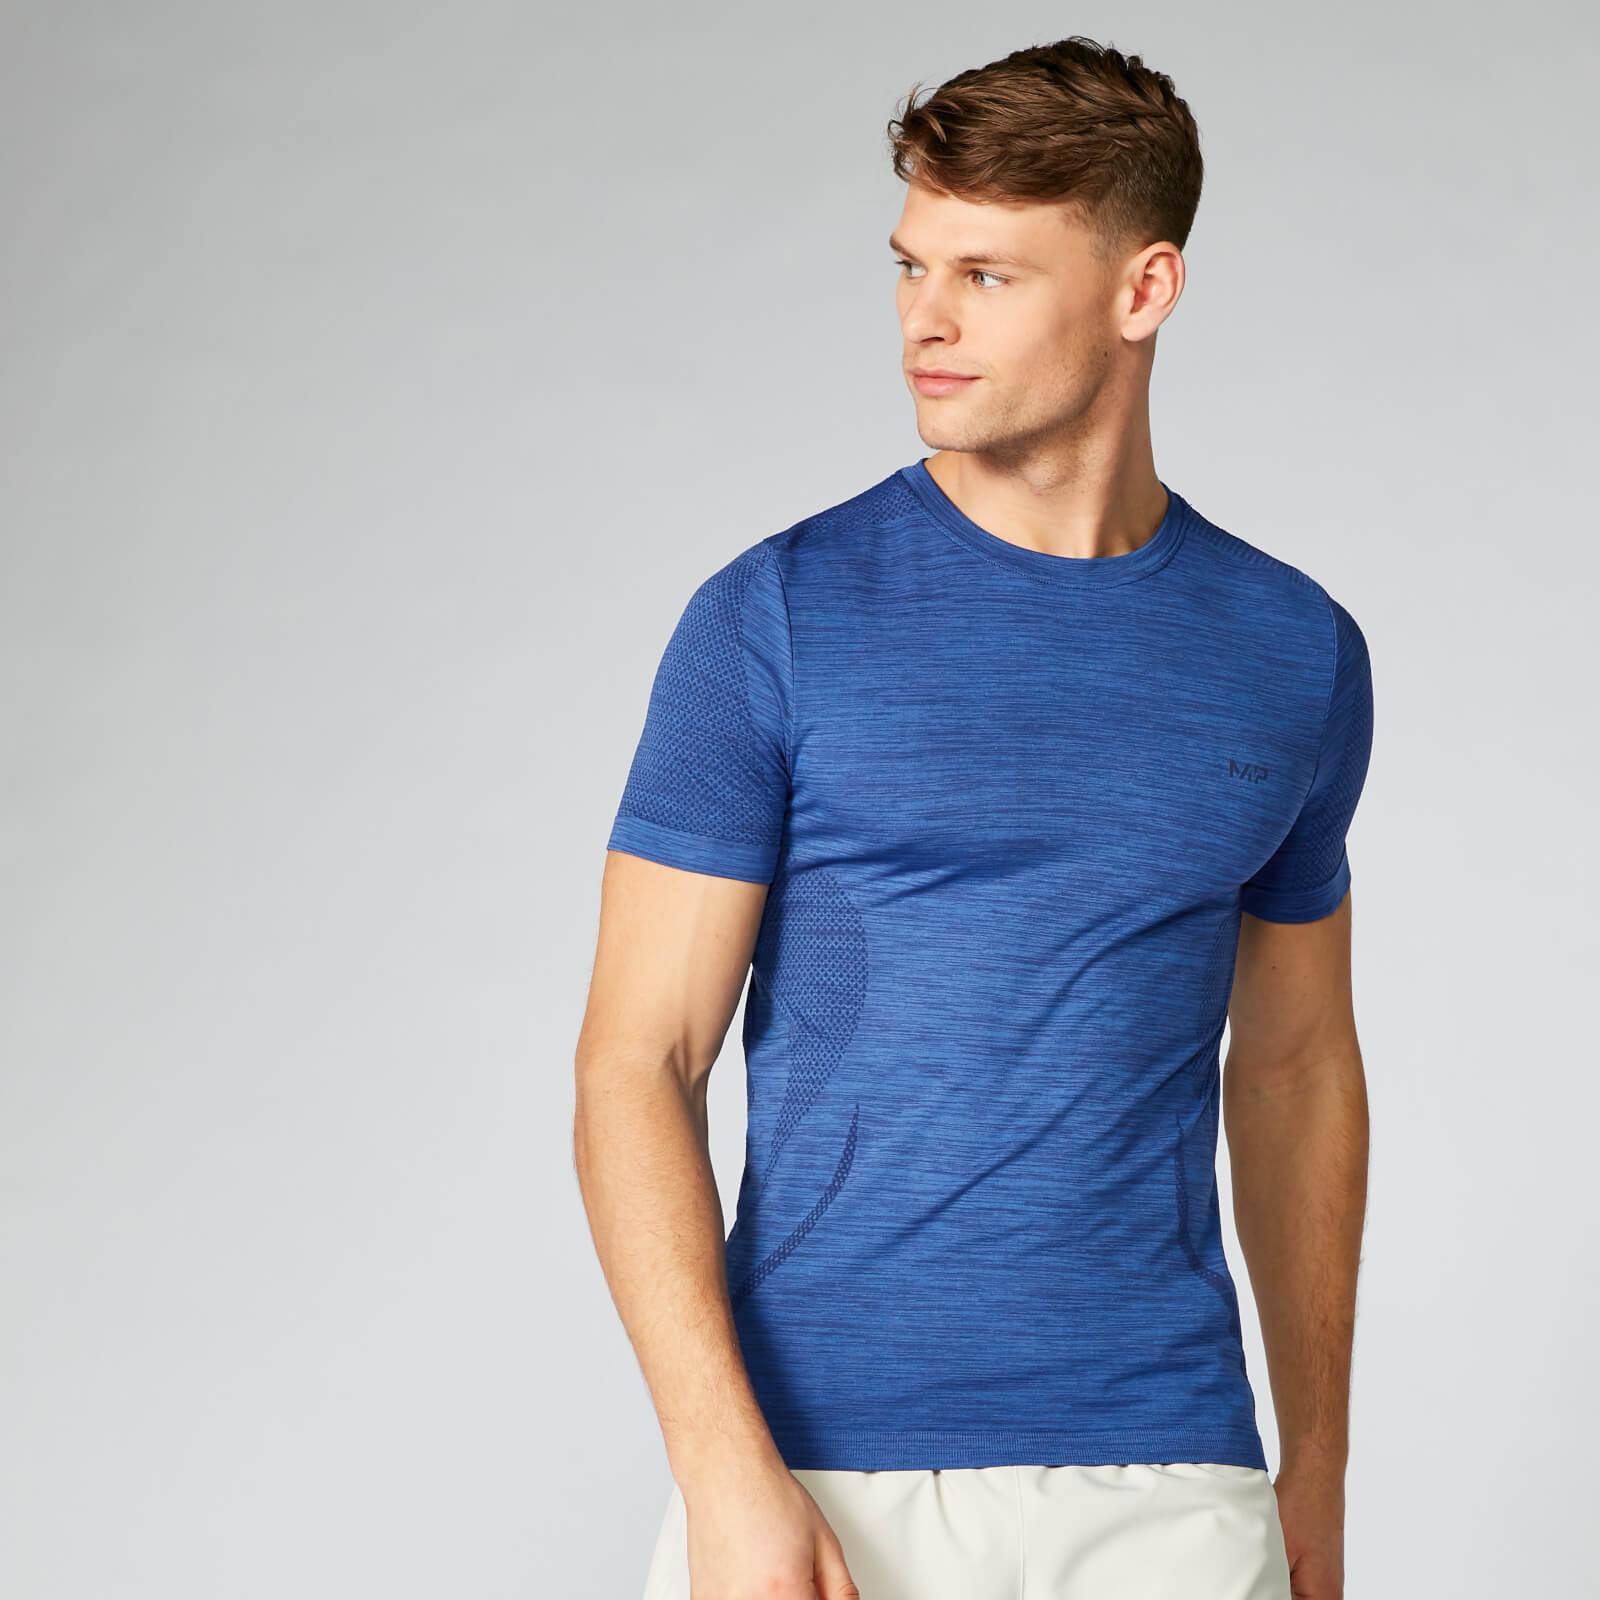 3c9b6fa7a1f09 Купить бесшовную футболку Sculpt | Синяя | MYPROTEIN™